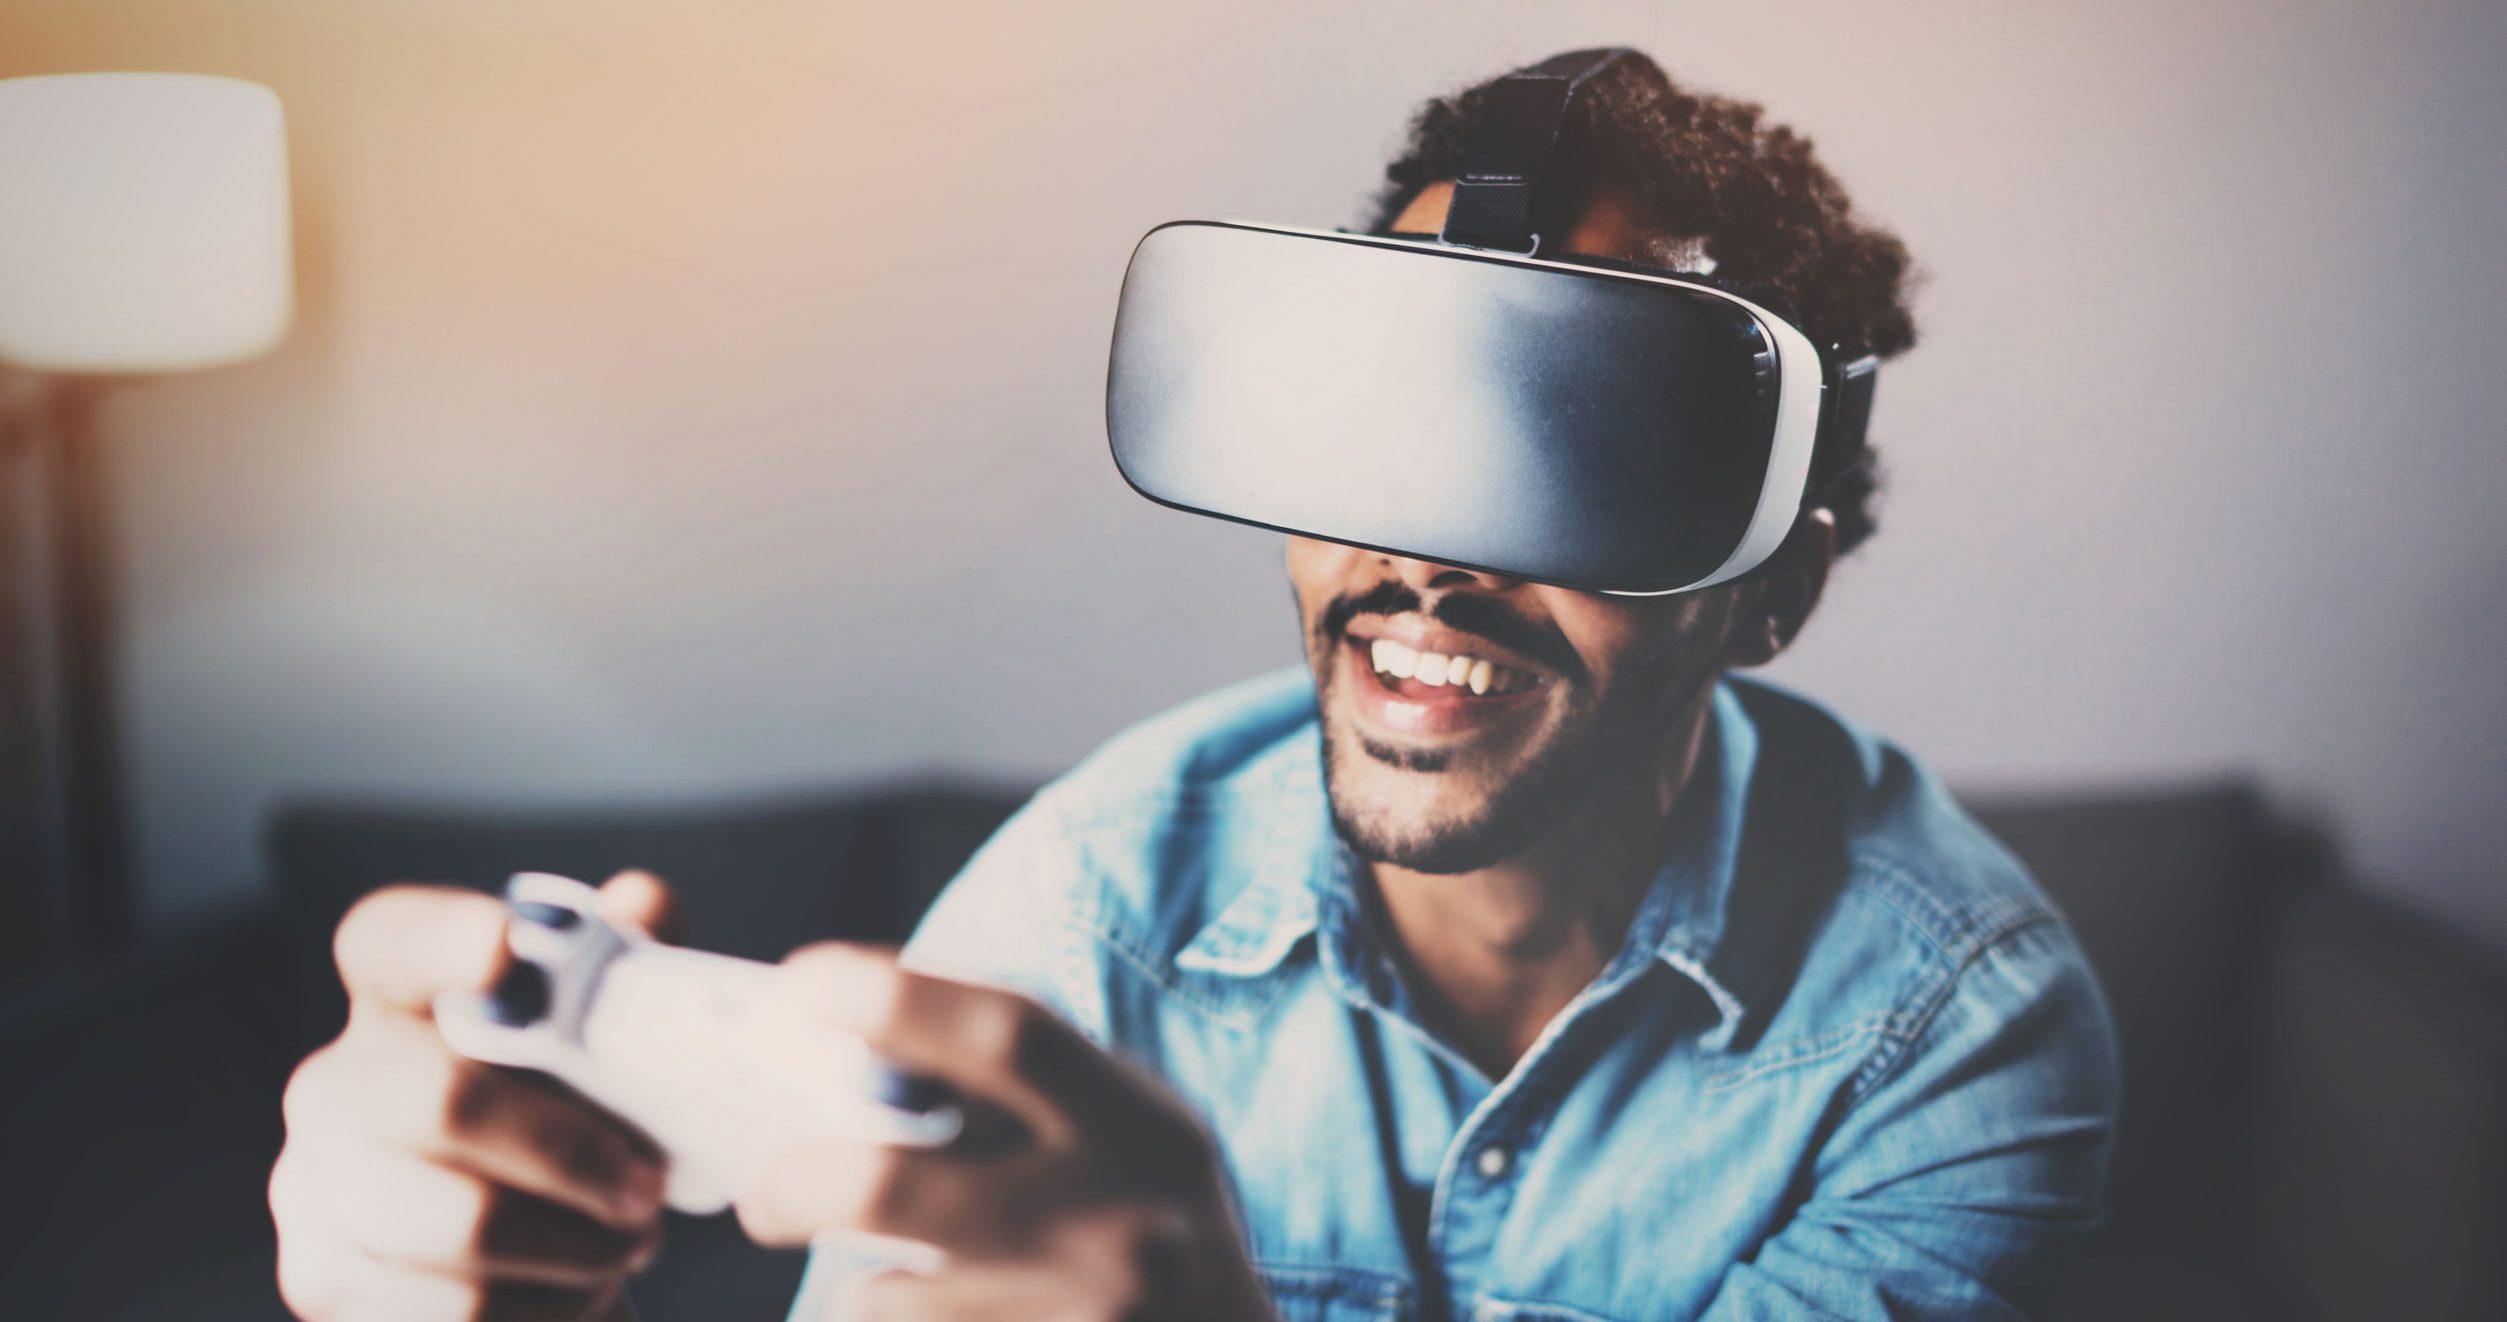 Chico jugando con VR